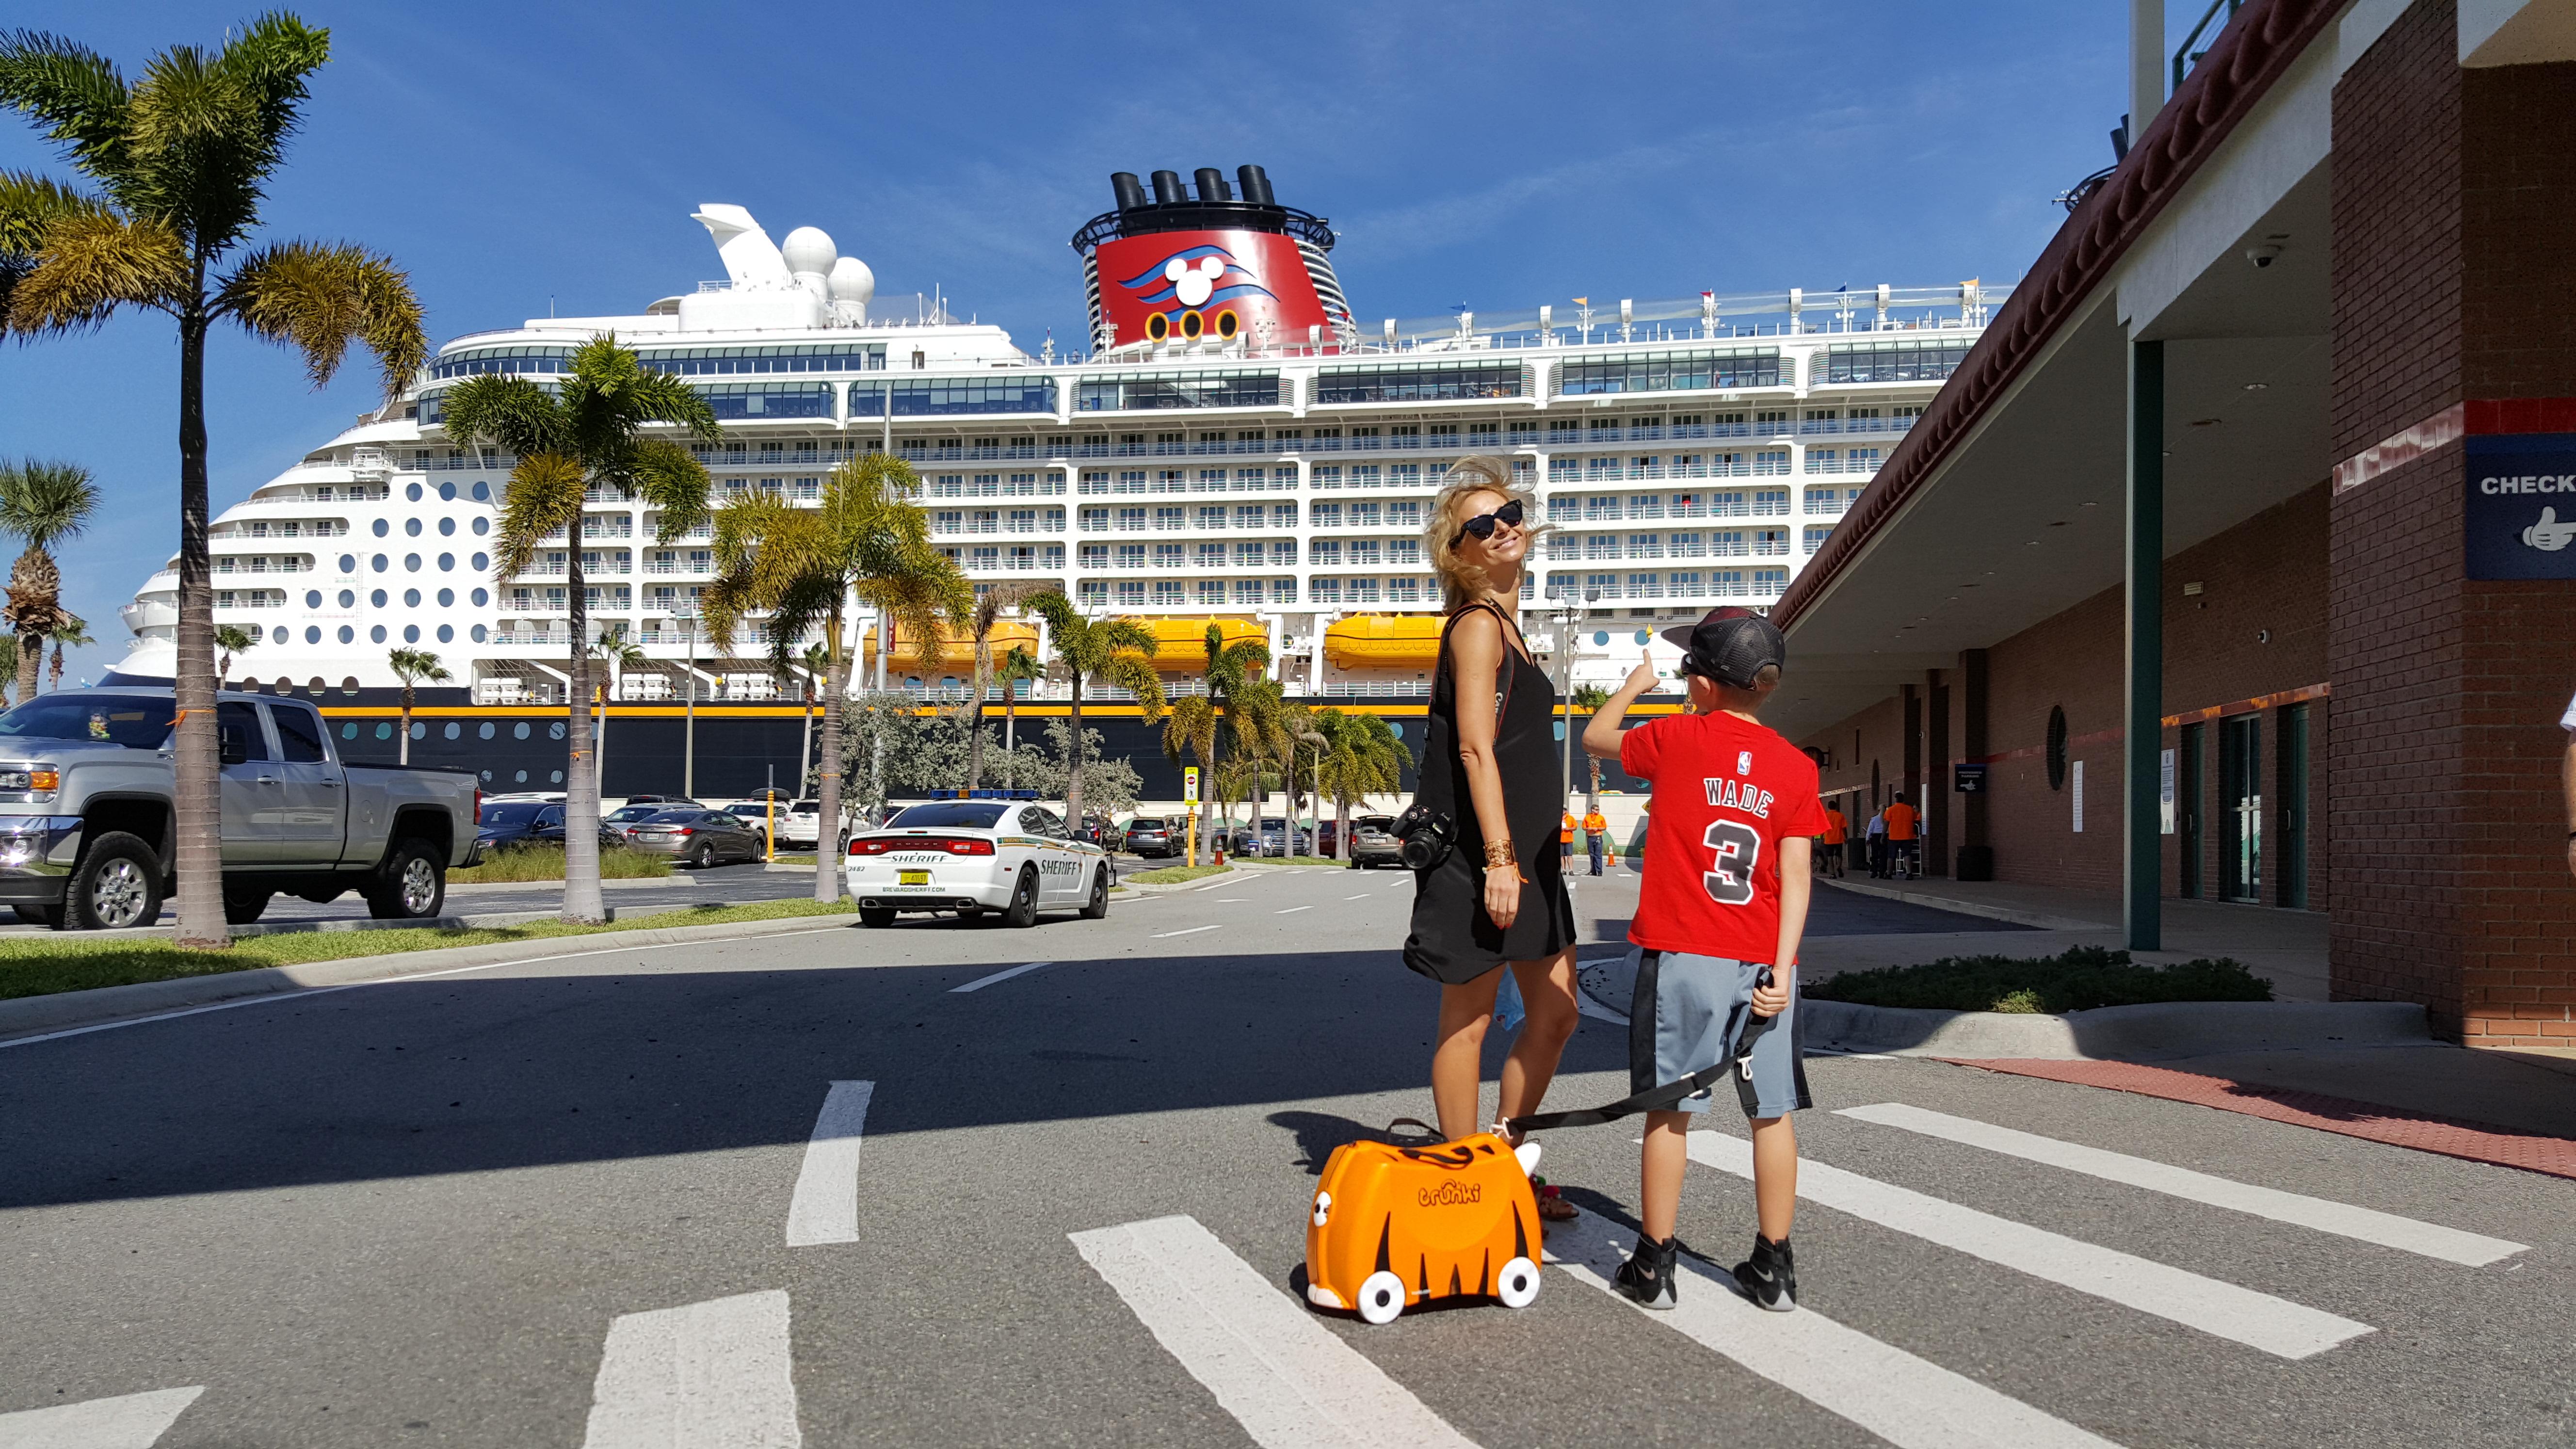 Wycieczkowiec Disney Dream Terminal Port Canaveral